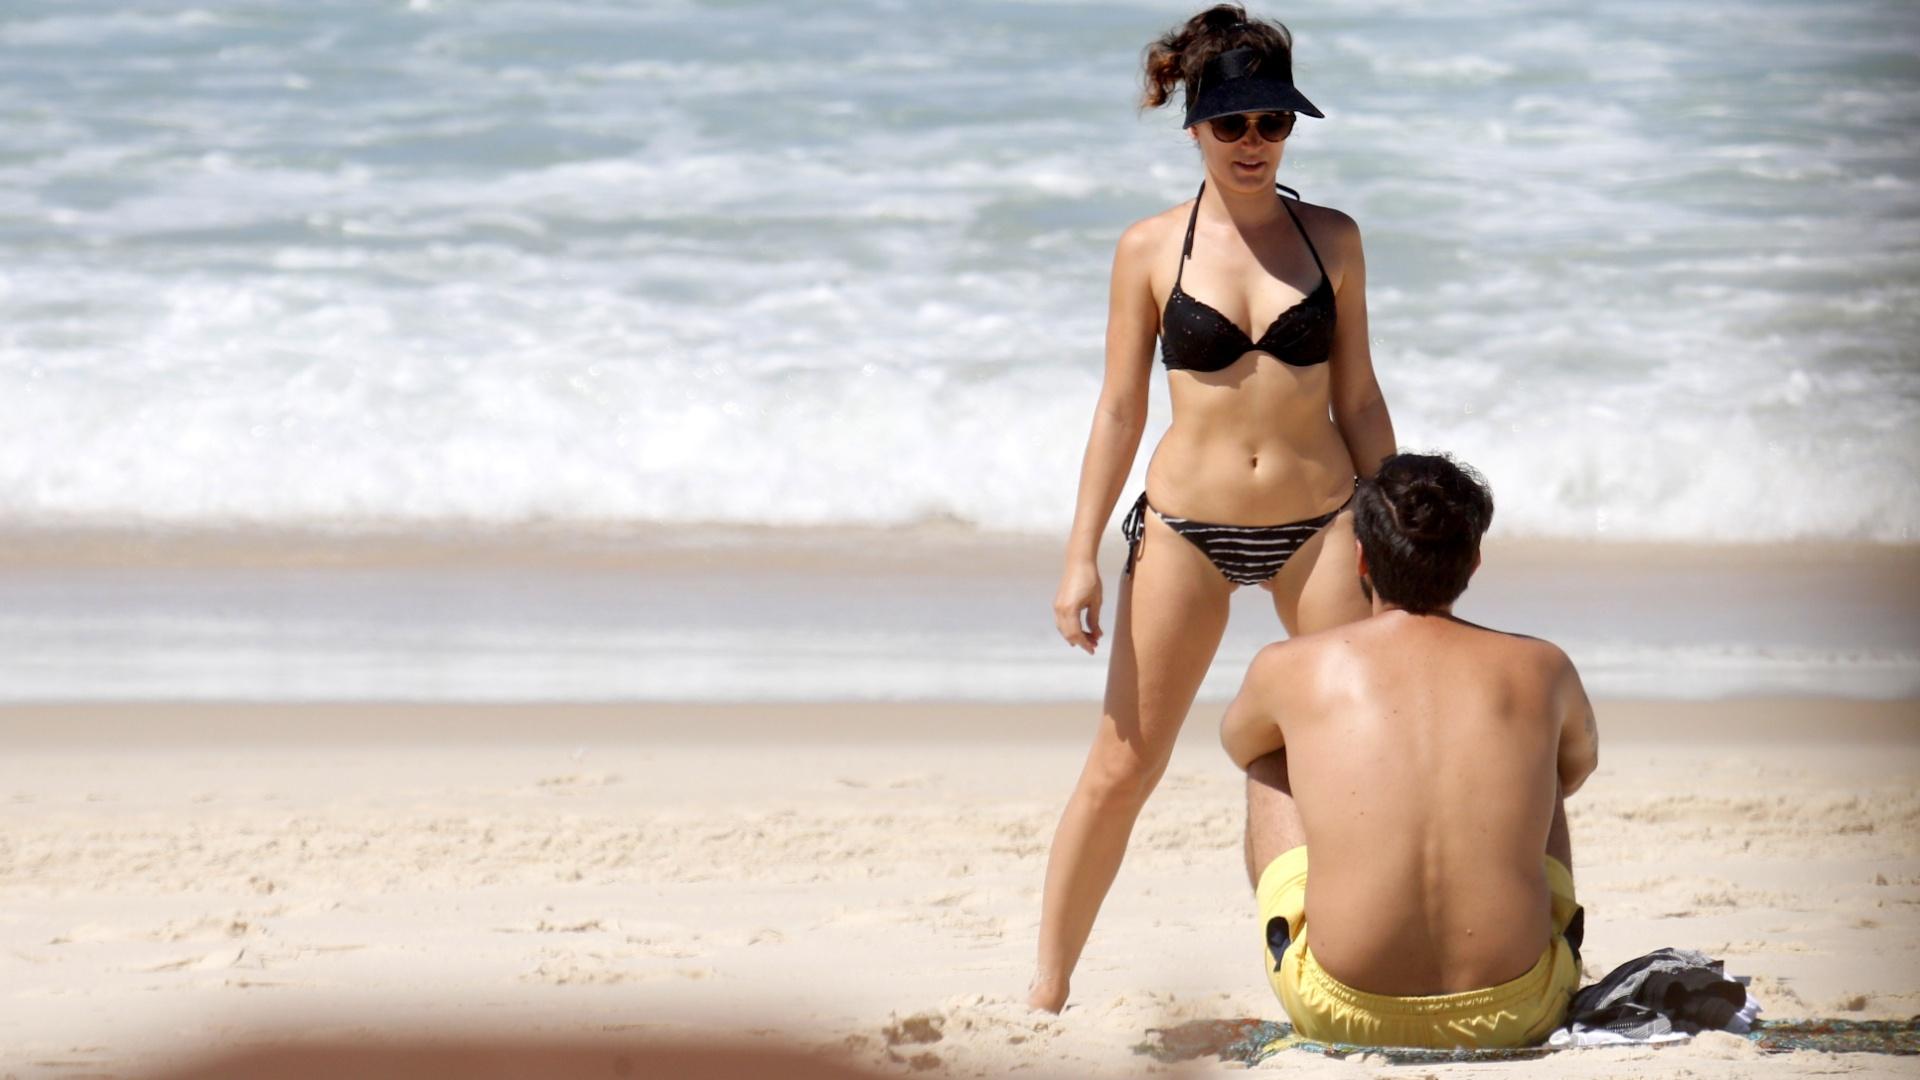 17.mar.2017 - Enquanto o marido Pedro Brandão só assiste, Bianca Bin se alonga na praia da Barra da Tijuca